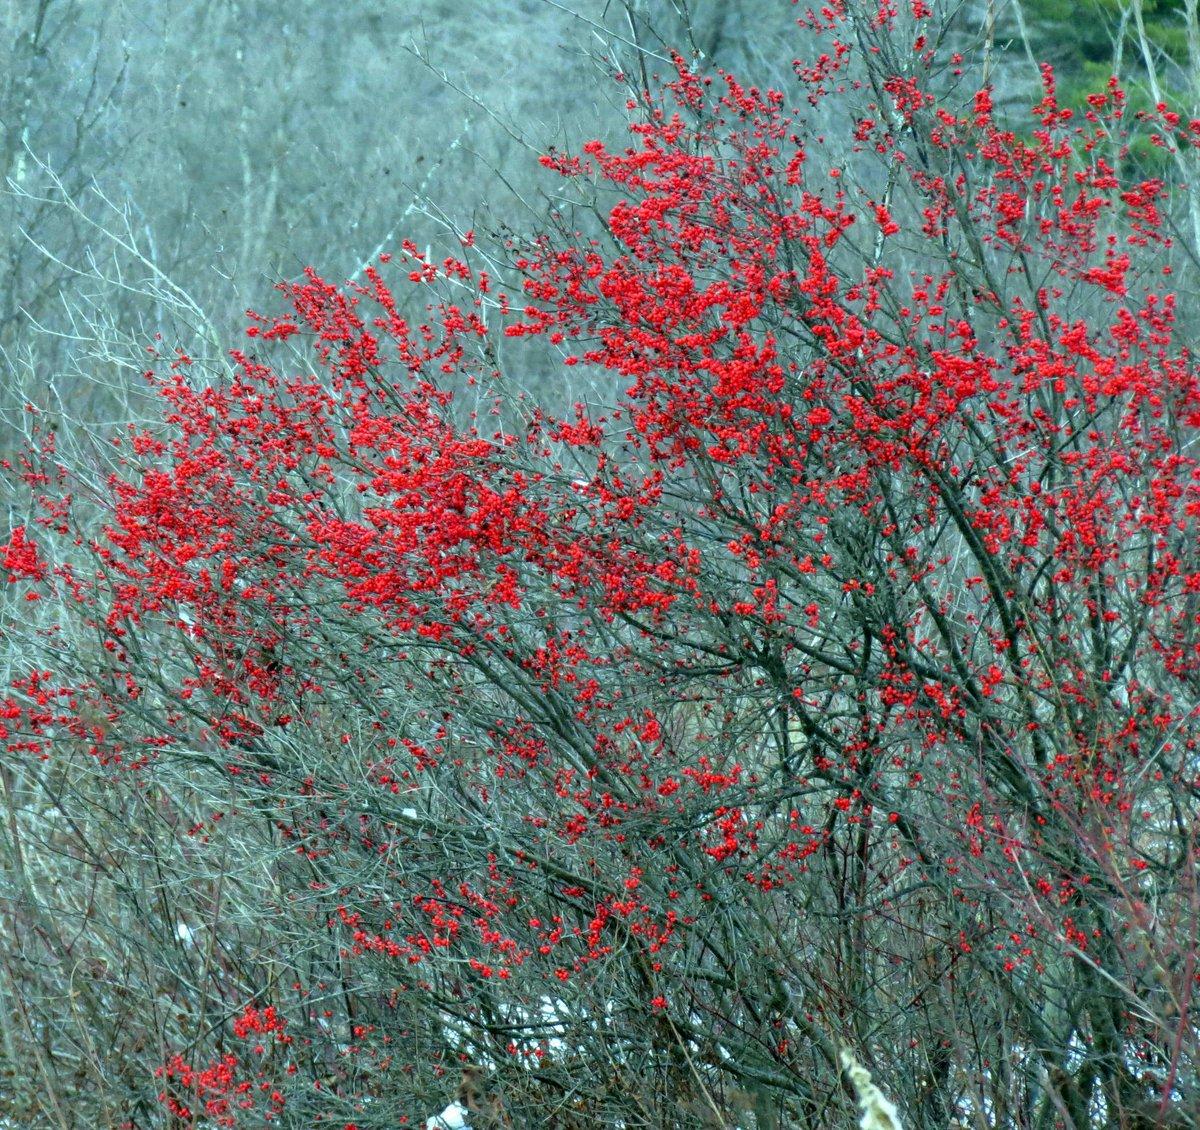 1. Winterberries